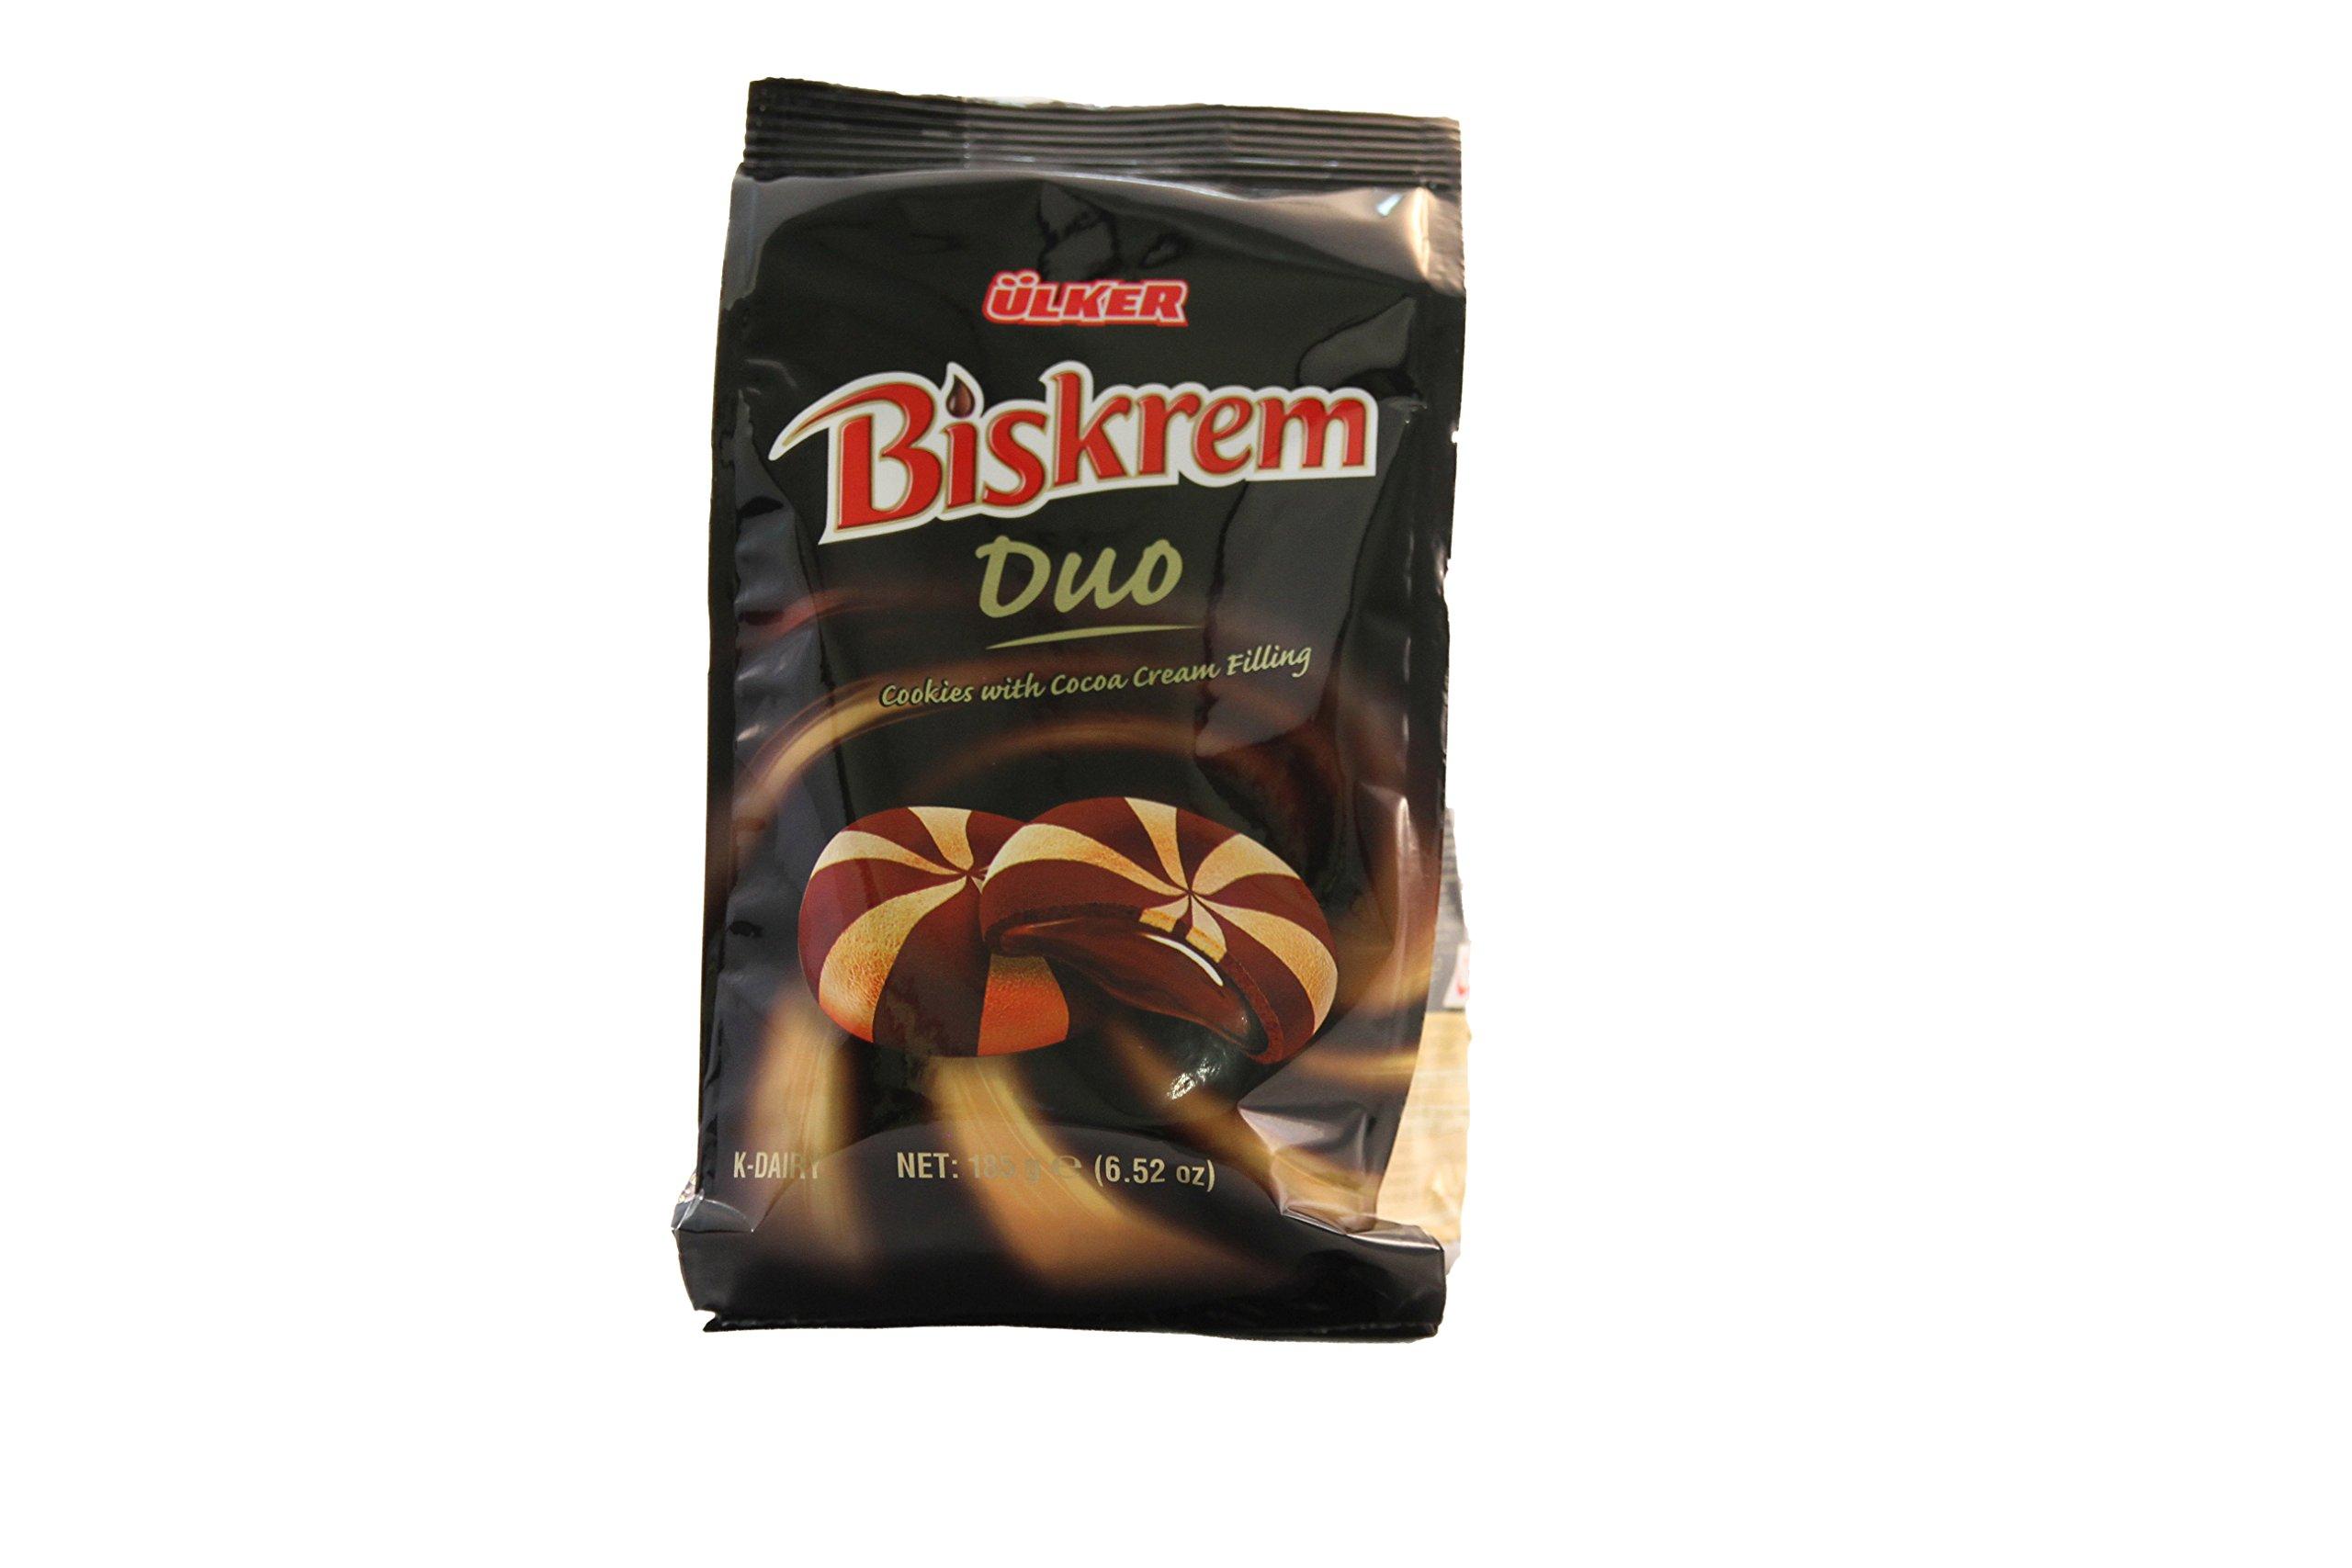 Ulker Biskrem Duo Cookies with Cocoa Cream Fiiling 185g